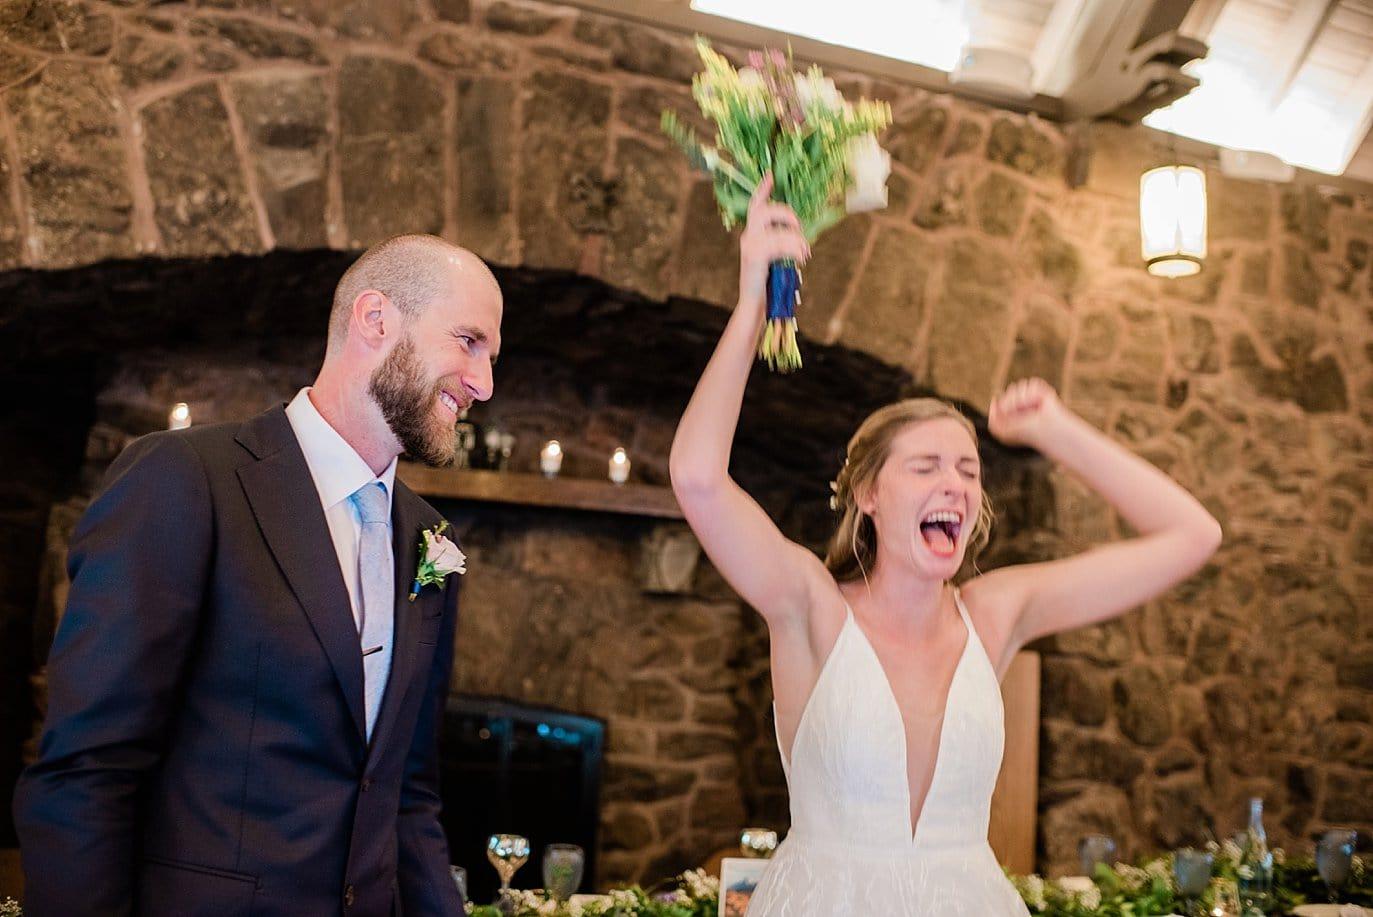 bride celebrates after ceremony at colorado wedding